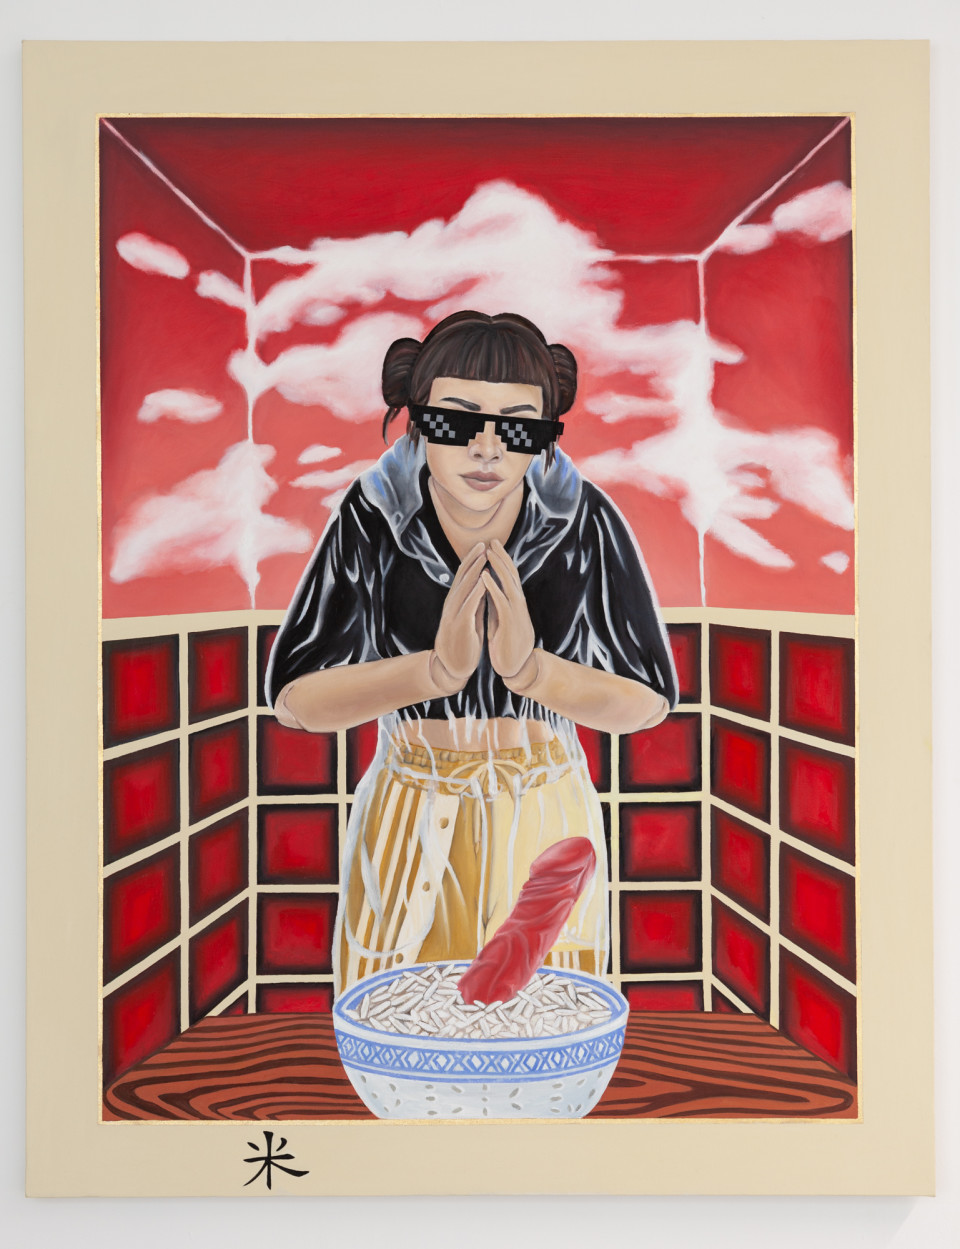 Katerina Zbortkova Dildo in Rice, 2019 Oil on canvas 150.5 x 118 cm 59 1/4 x 46 1/2 in